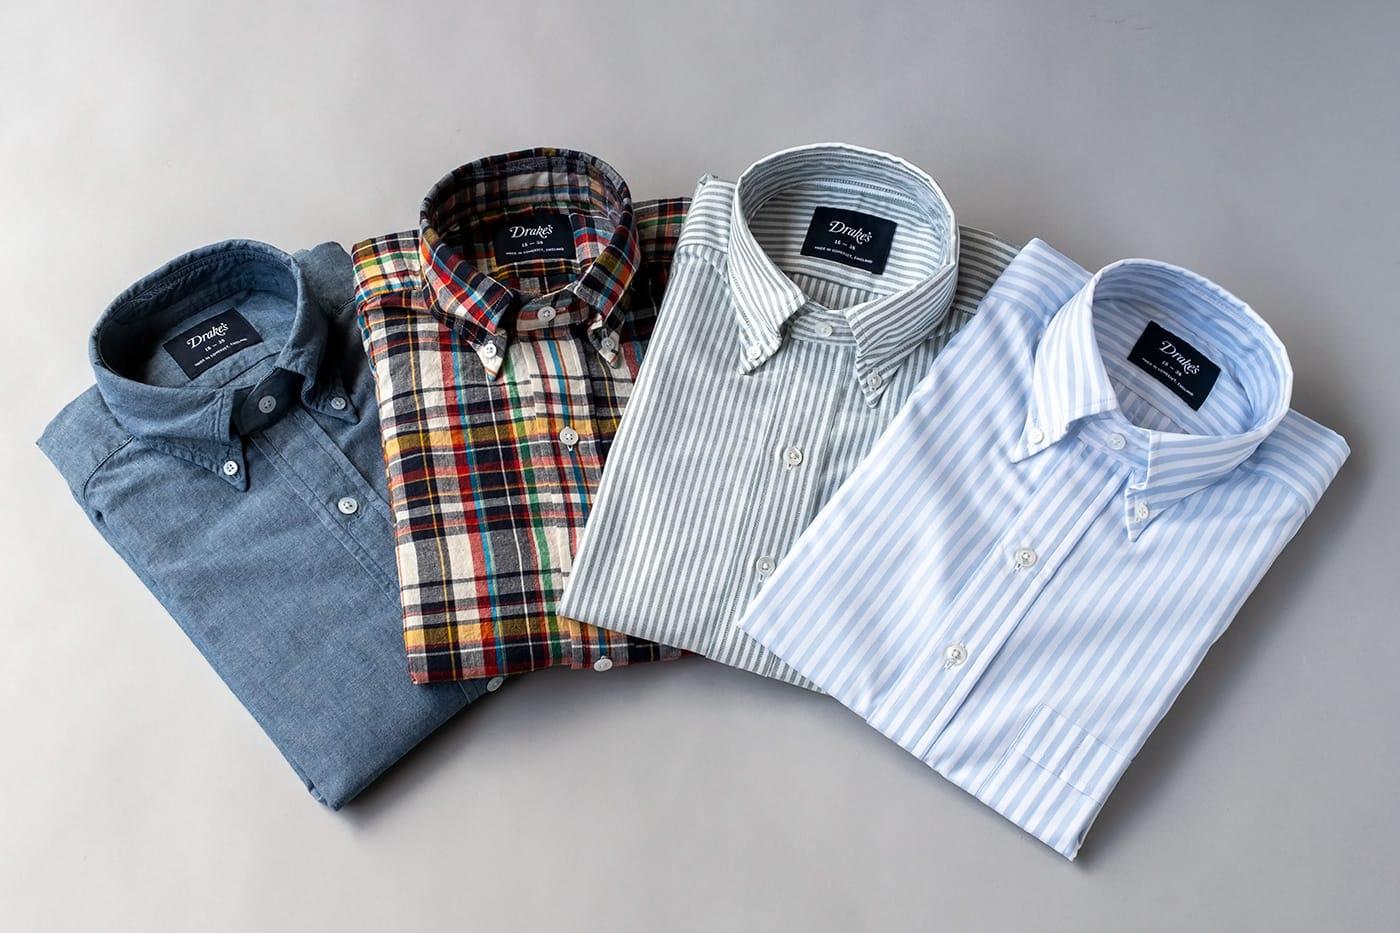 ドレイクス 英国ブランドのこだわりが詰まったB.Dシャツ